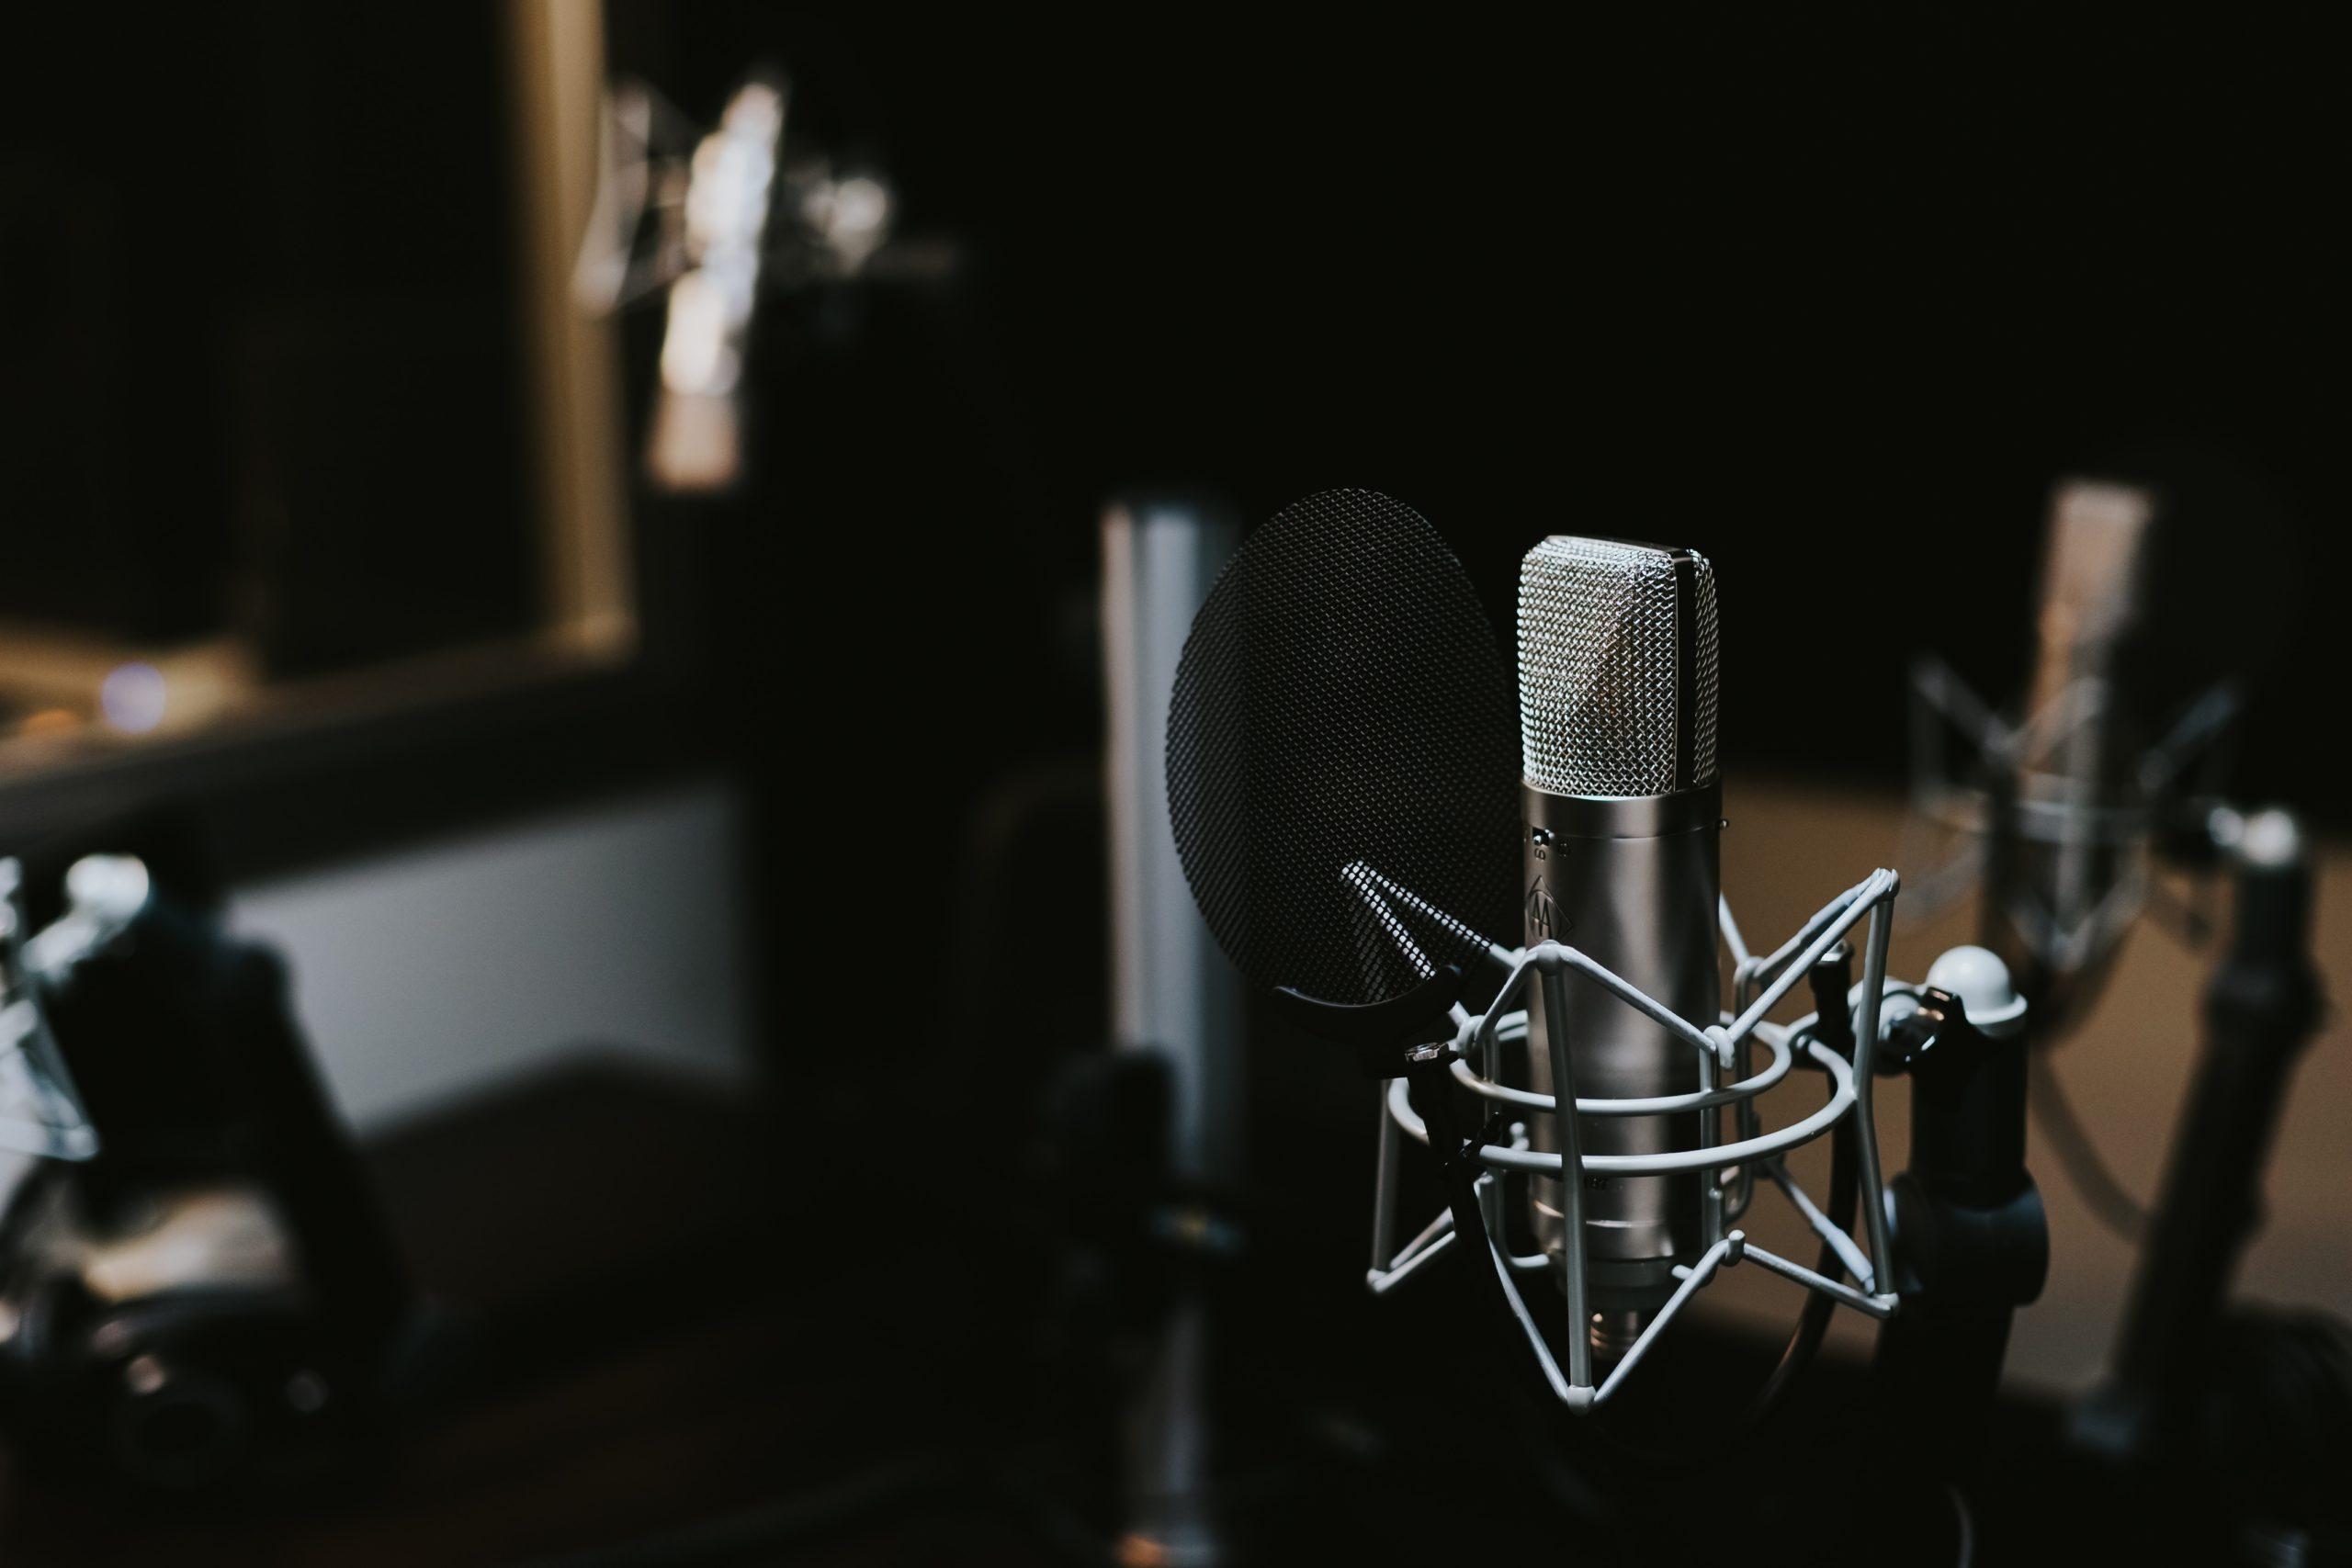 Die erste Episode unseres GEHIRNfutter Podcast: Der Beginn einer Erkenntnisreise für die Themen: Bewusstseins-, Wahrnehmungs- & Gehirnforschung.